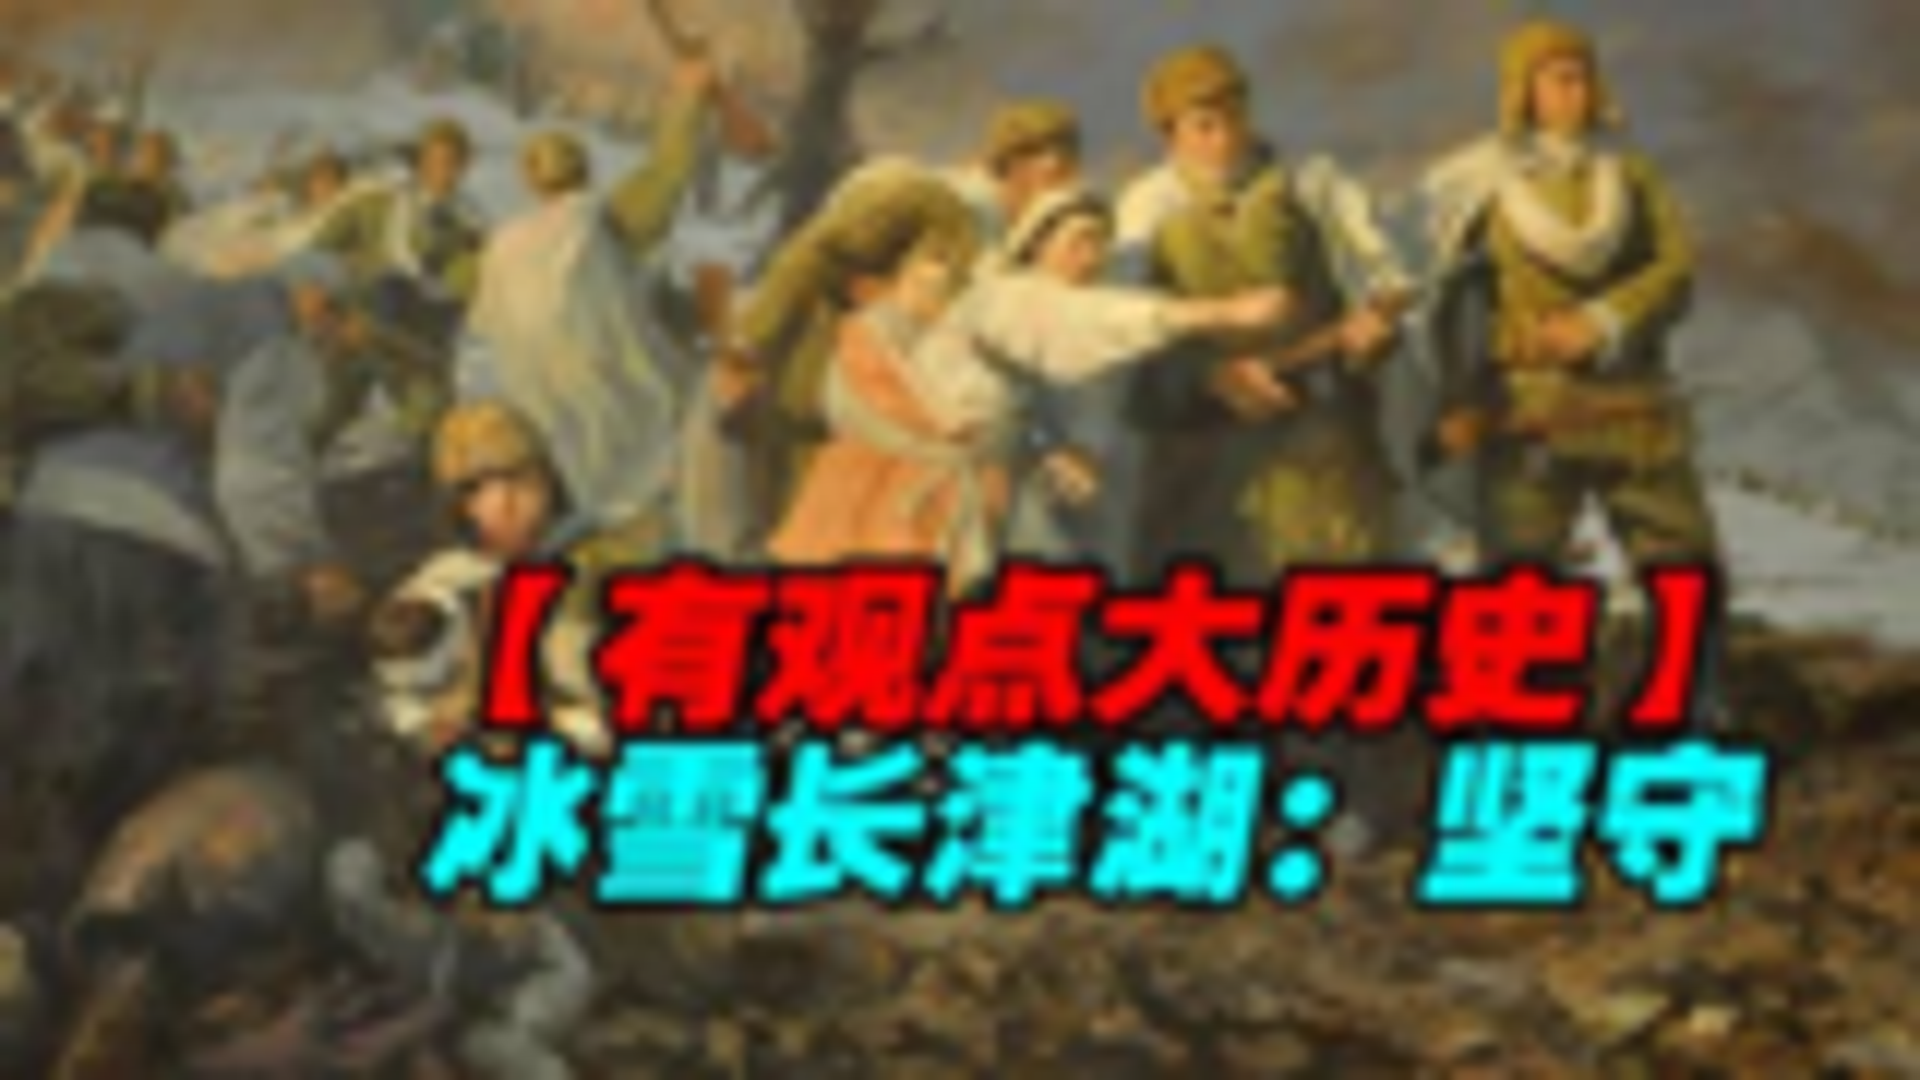 【蕉易&抽奖】朝鲜战争--冰雪长津湖--坚守